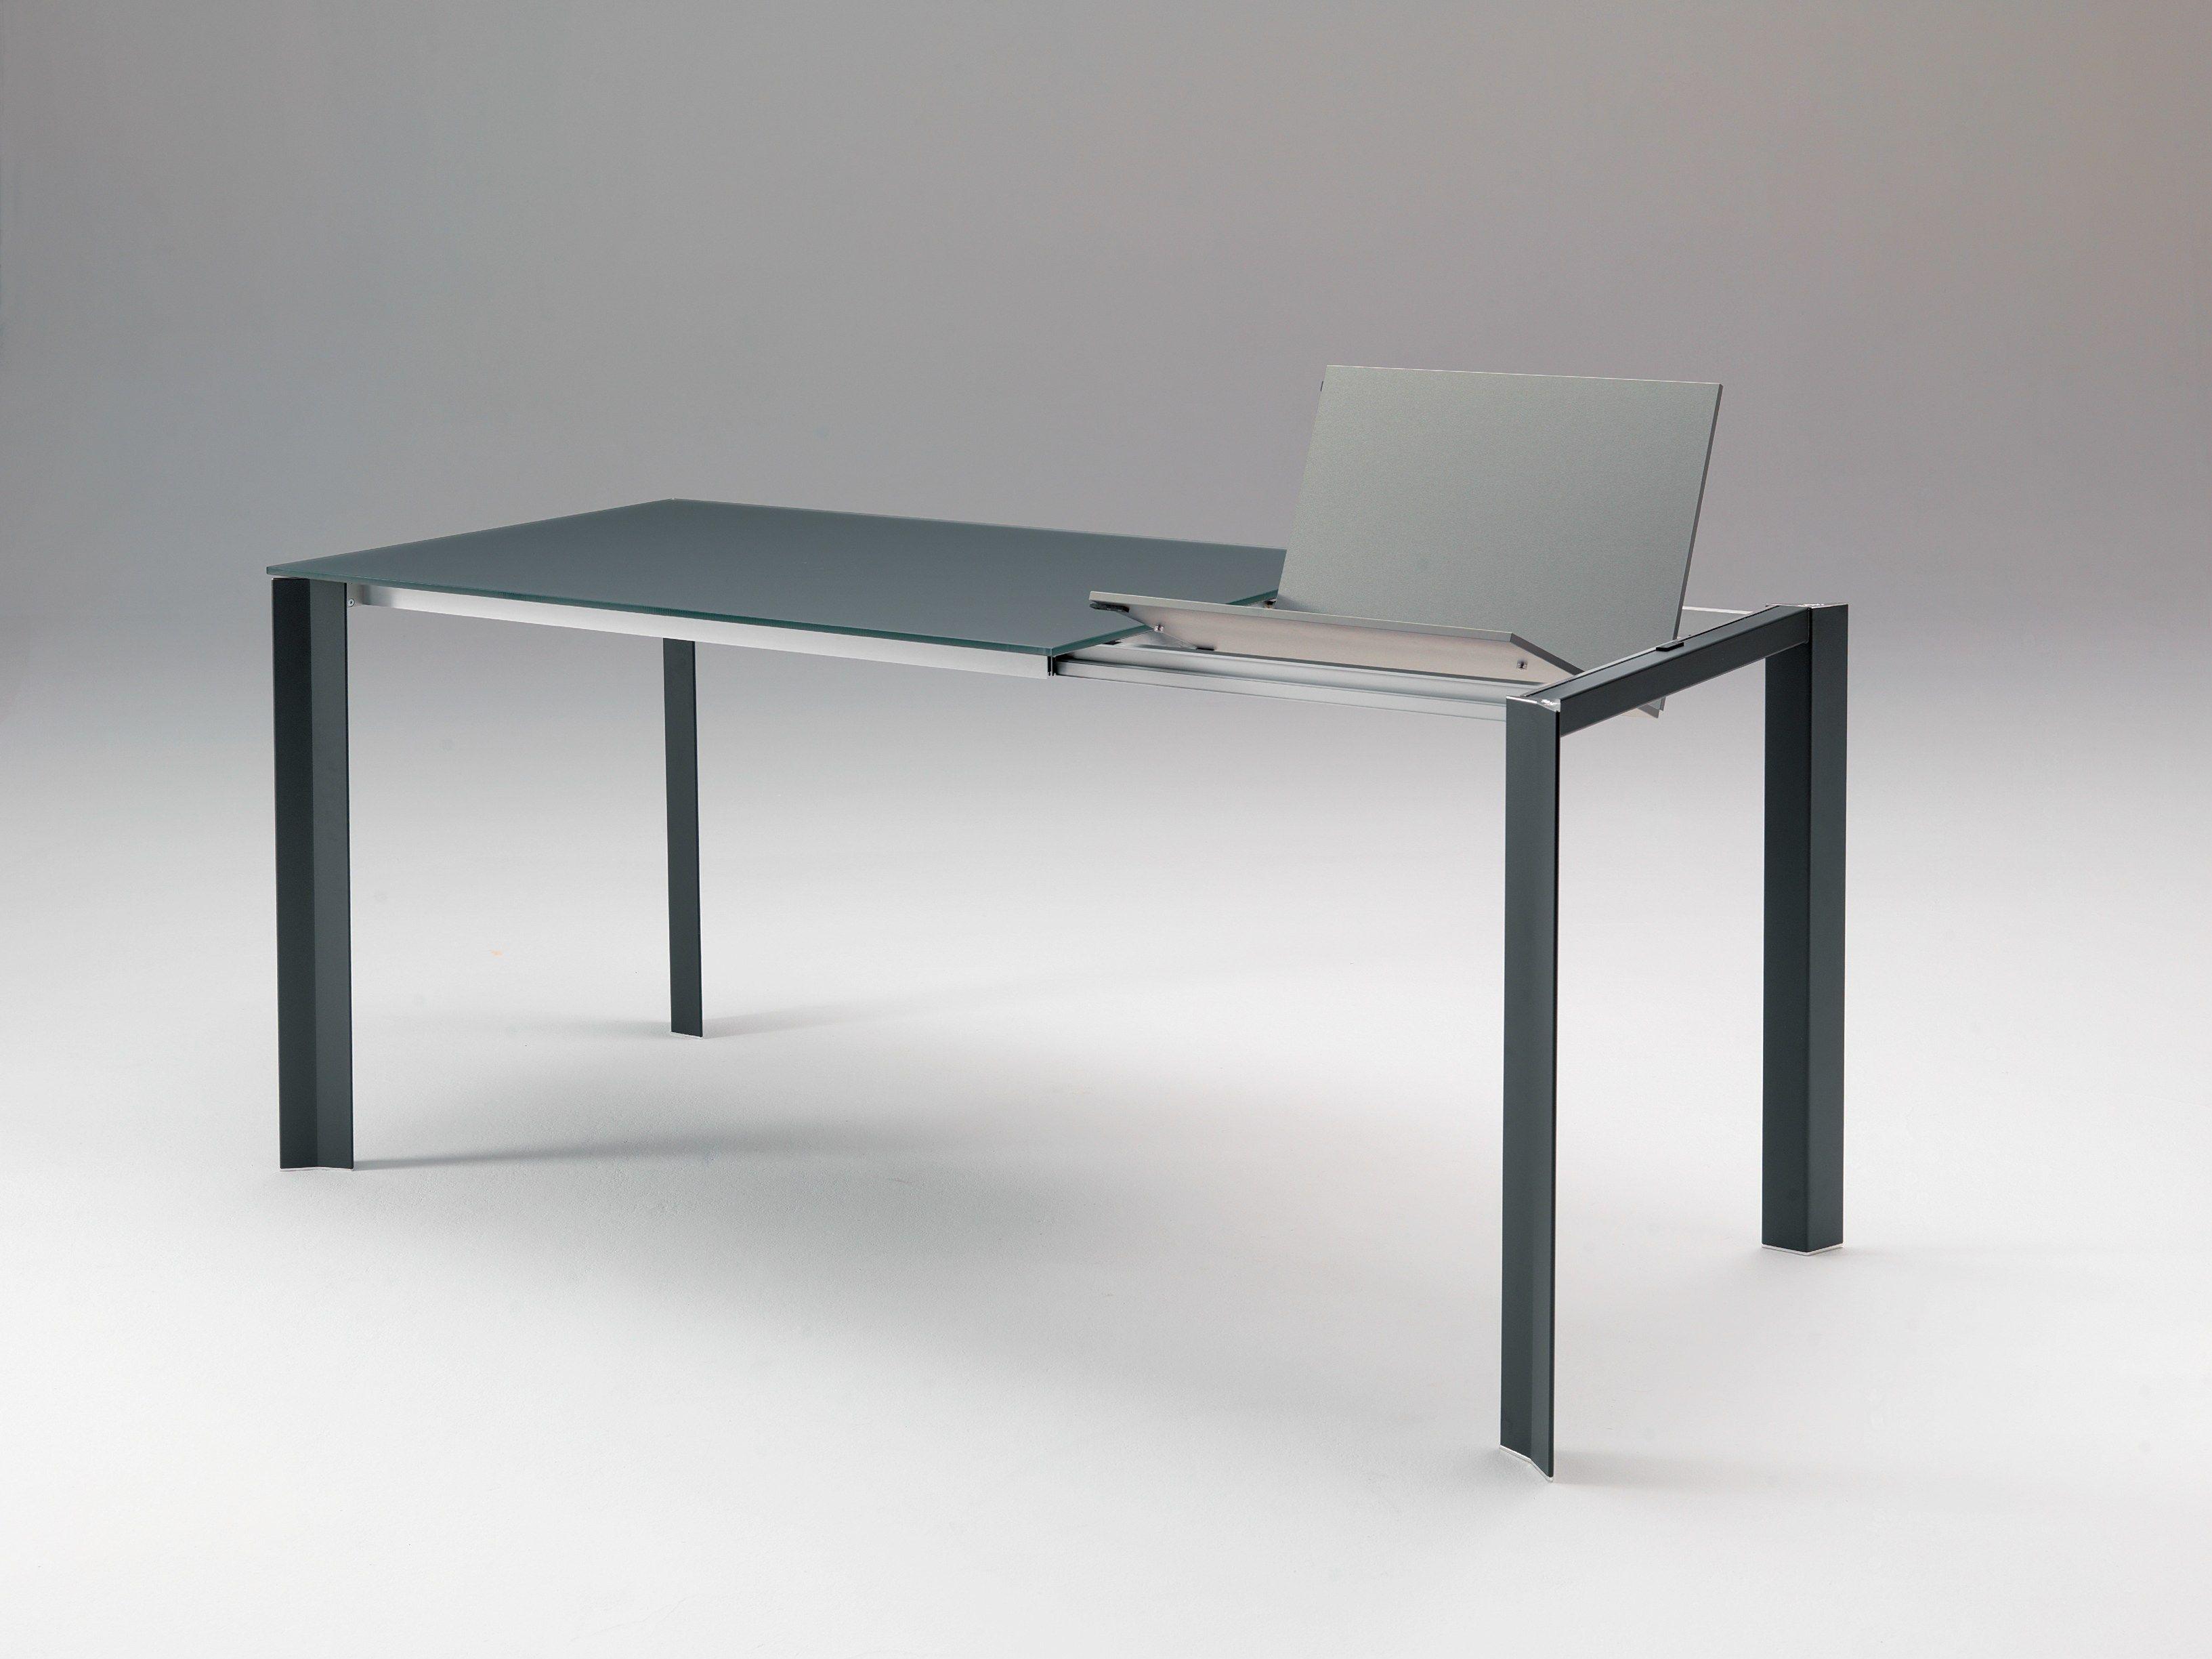 Tavolo allungabile rettangolare in alluminio in stile for Tavolo allungabile telescopico